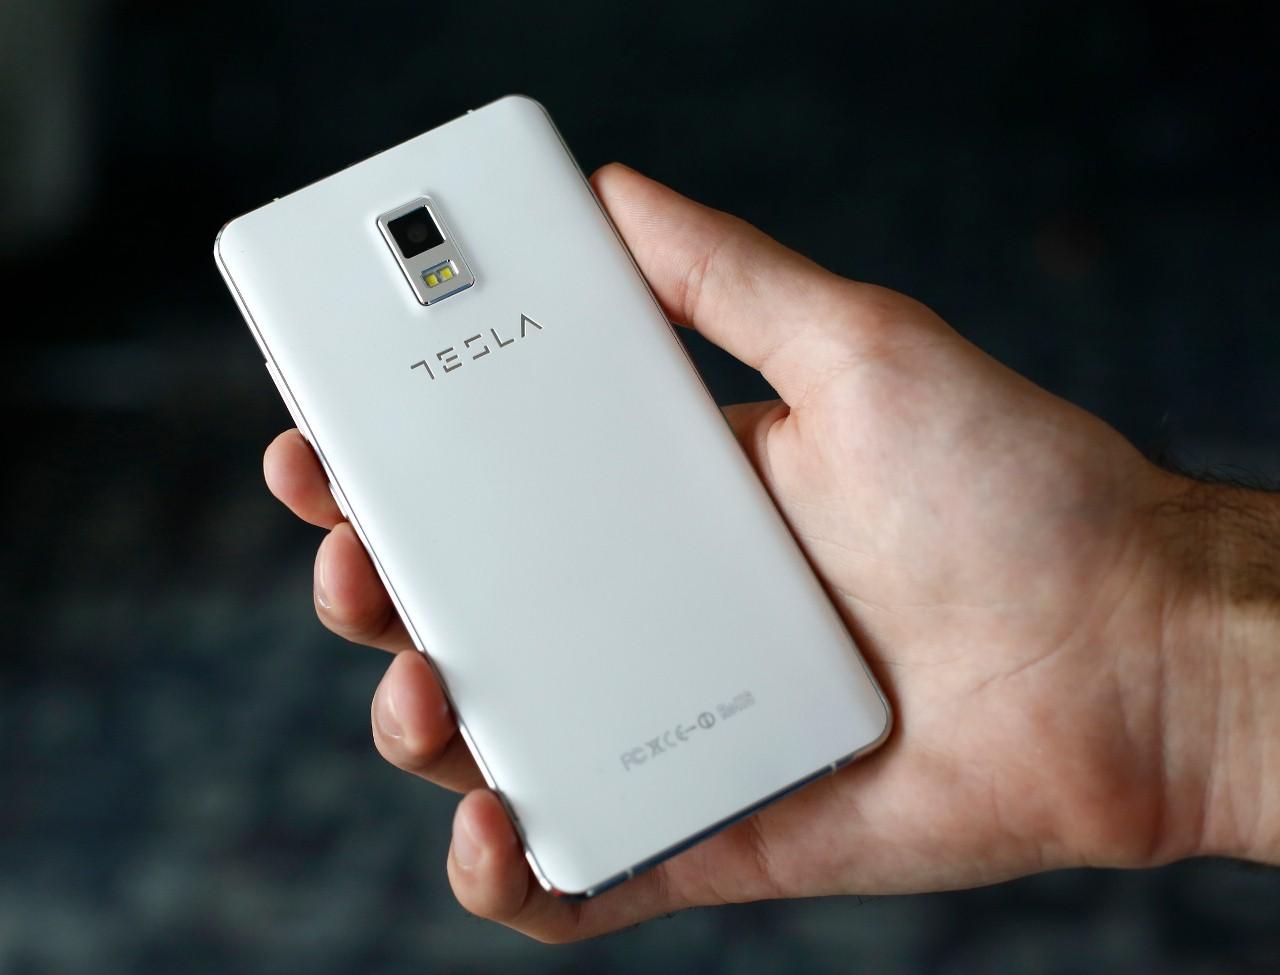 Tesla Smartphone 3.1 smartfon